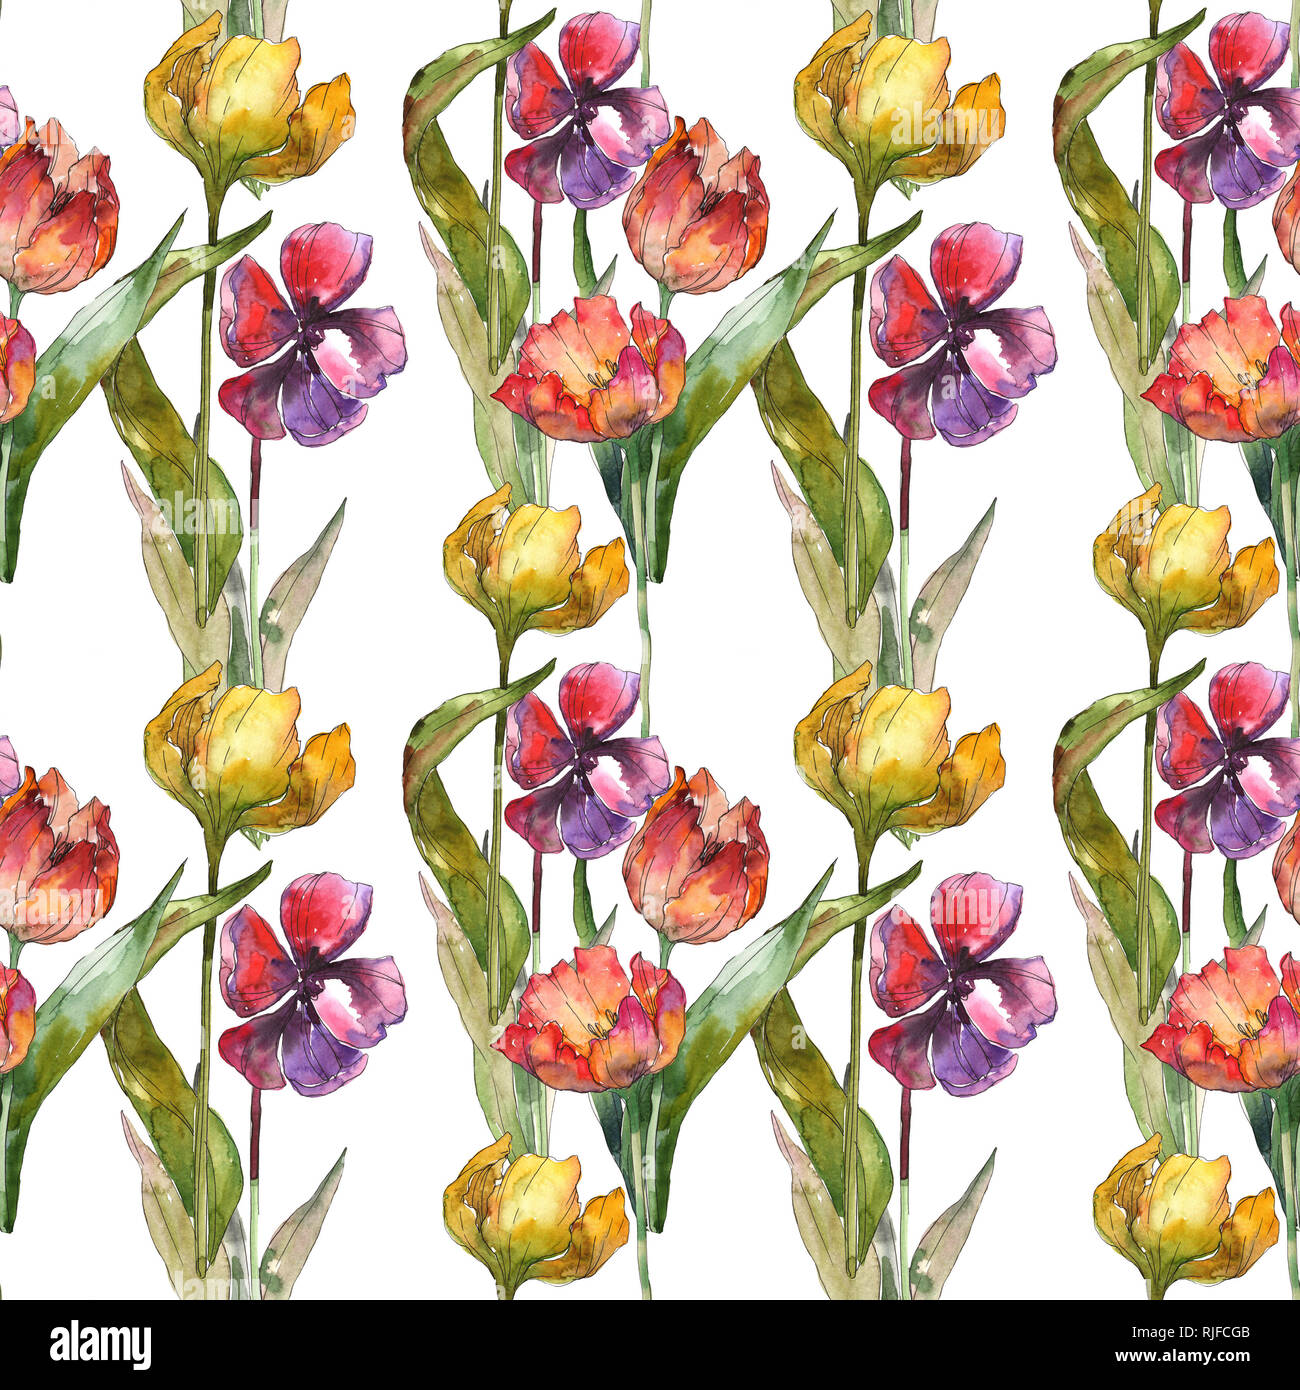 Botanical Tulip Print Stock Photos Botanical Tulip Print Stock